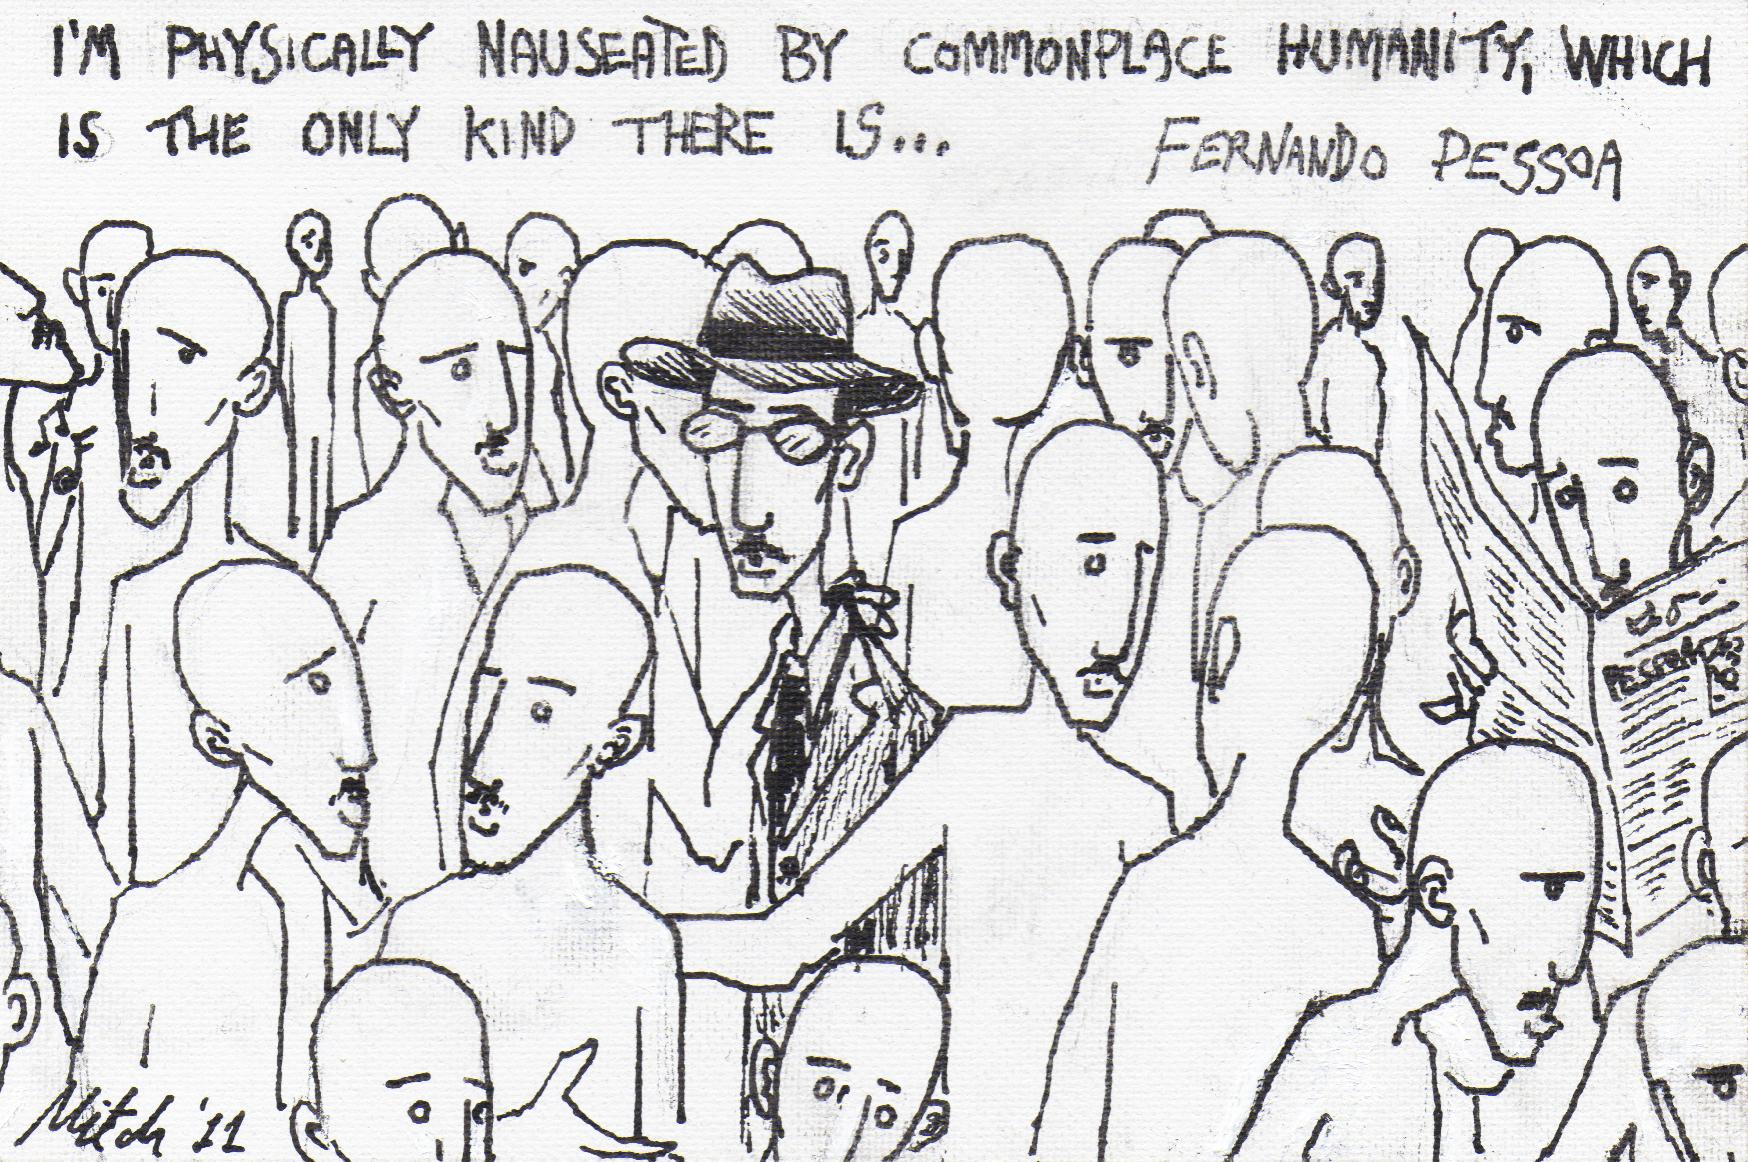 Fernando Pessoa's quote #2